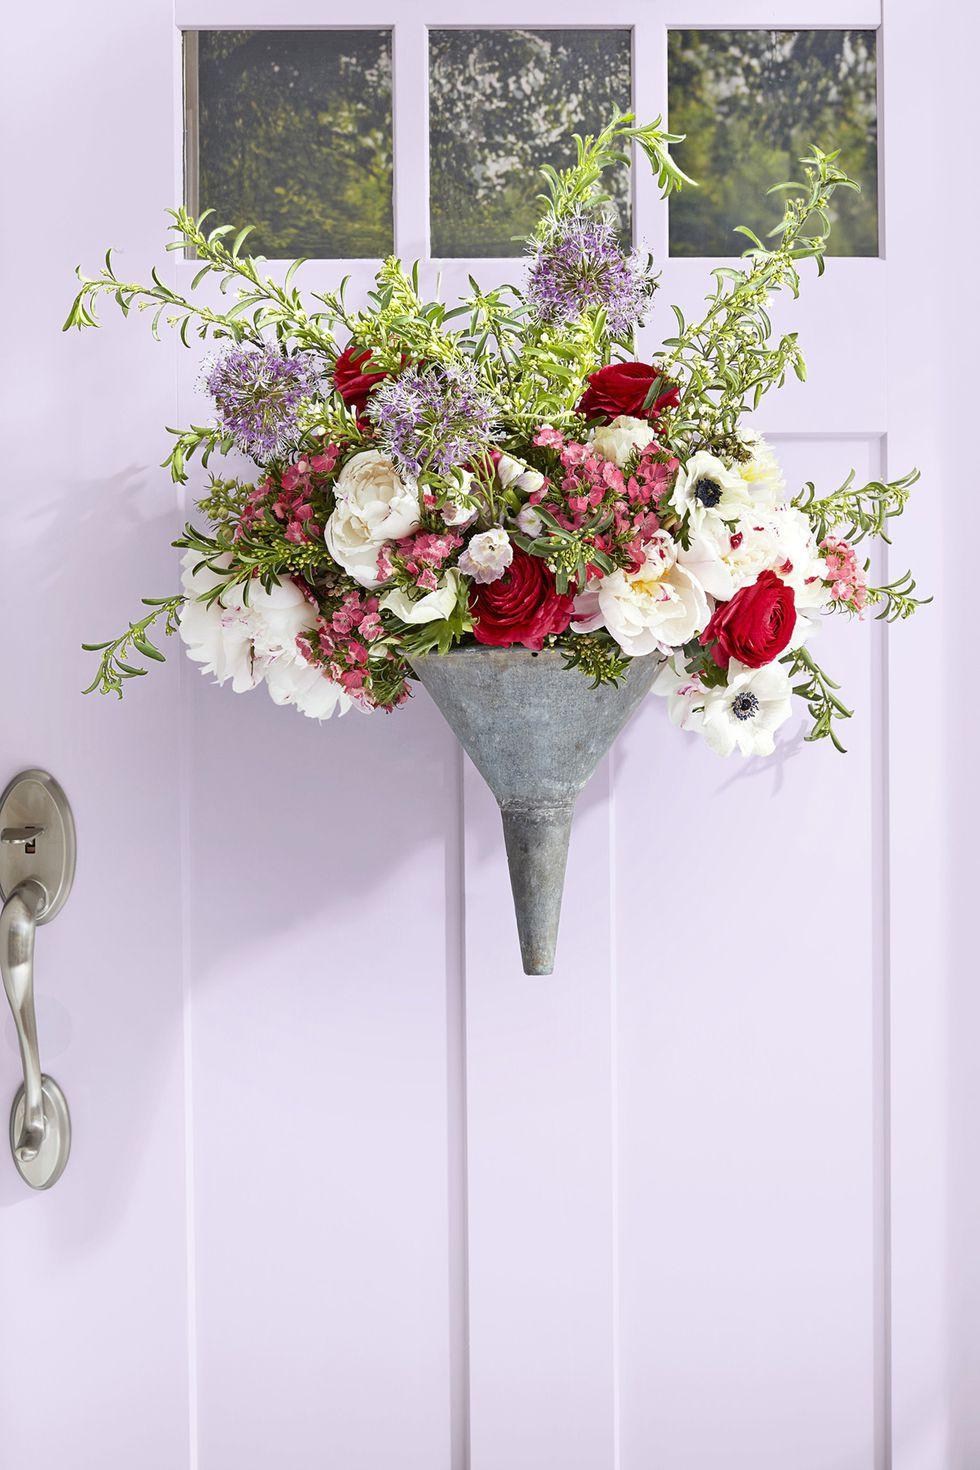 9 cách tận dụng đồ cũ làm hoa treo vừa xinh đẹp vừa tiết kiệm để trang trí trước cửa nhà   - Ảnh 1.